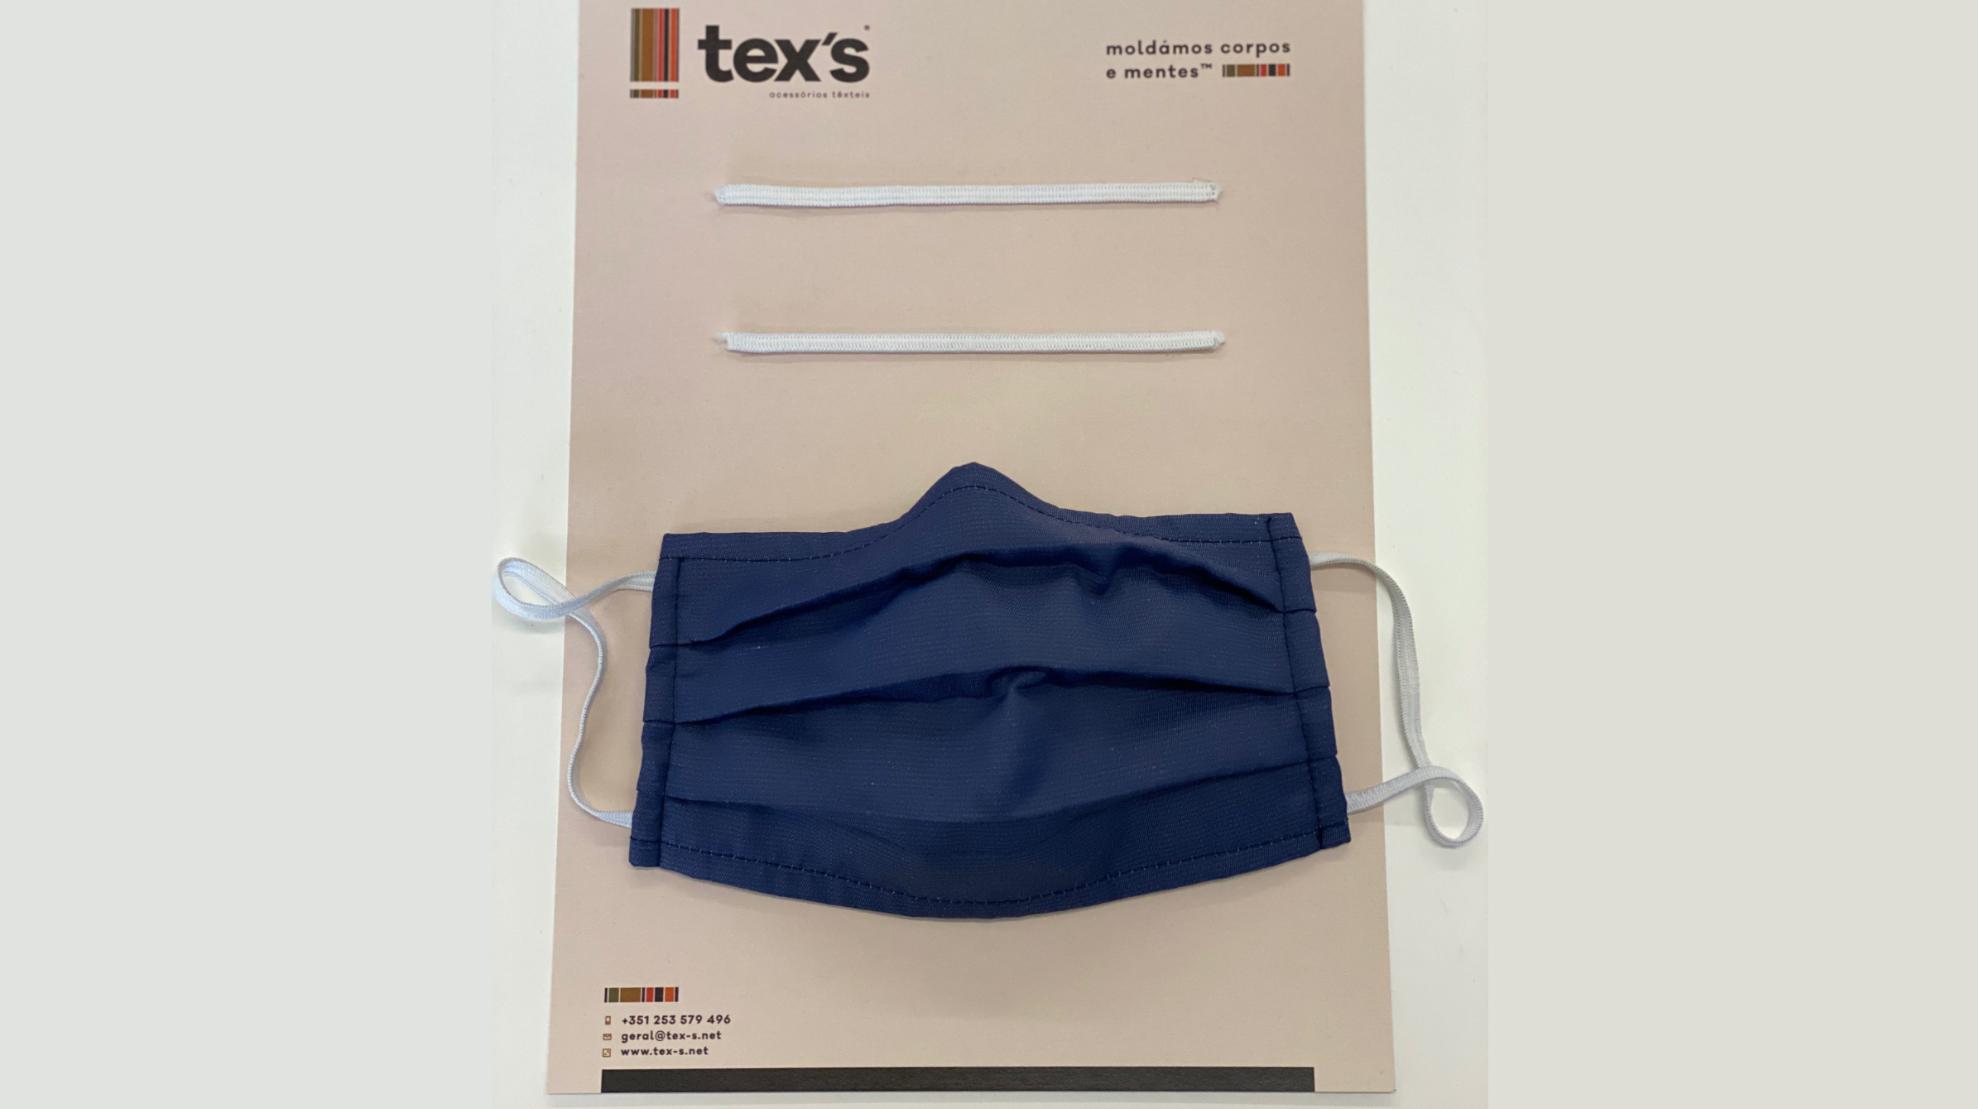 Tex's produz elásticos e clips nasais para máscaras